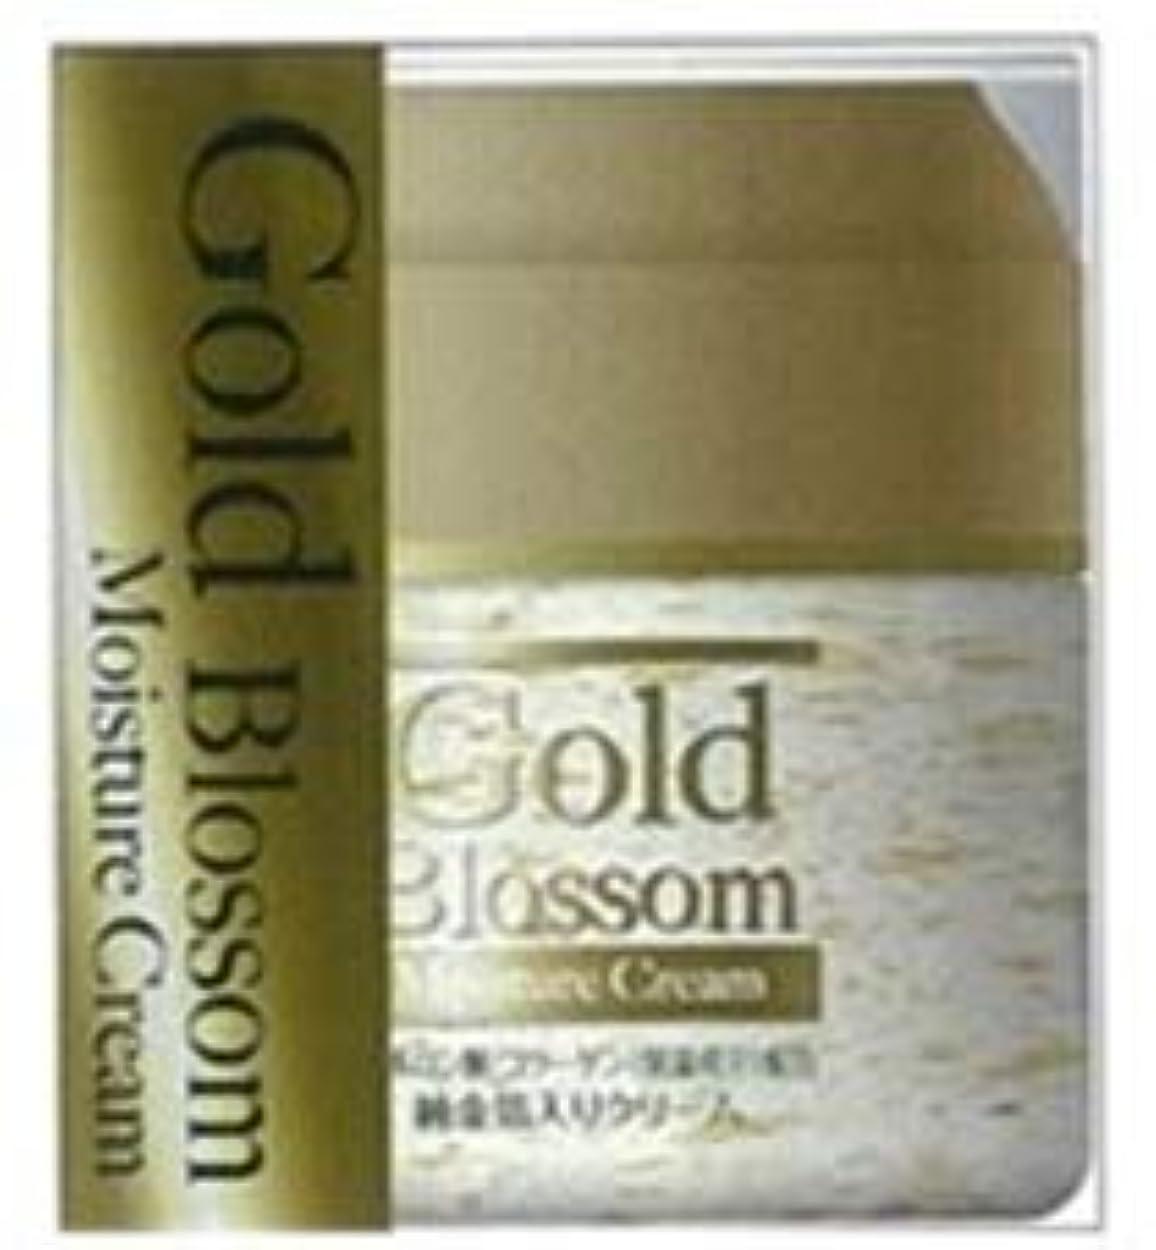 論文検出する祝福Gold Blossom 保湿クリーム